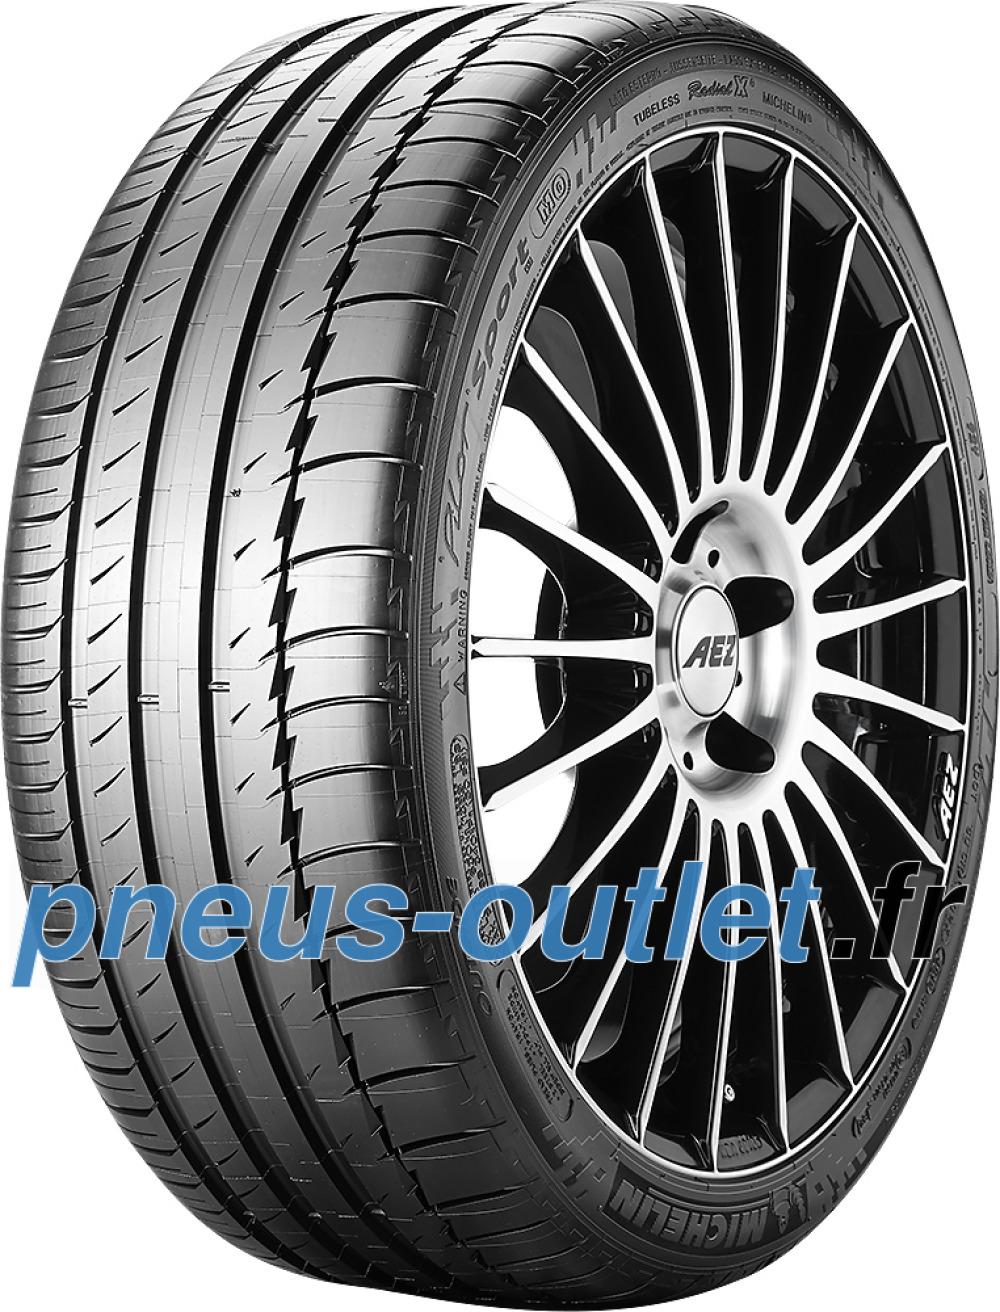 Michelin Pilot Sport PS2 ( 265/35 ZR19 (98Y) XL *, avec rebord protecteur de jante (FSL) )